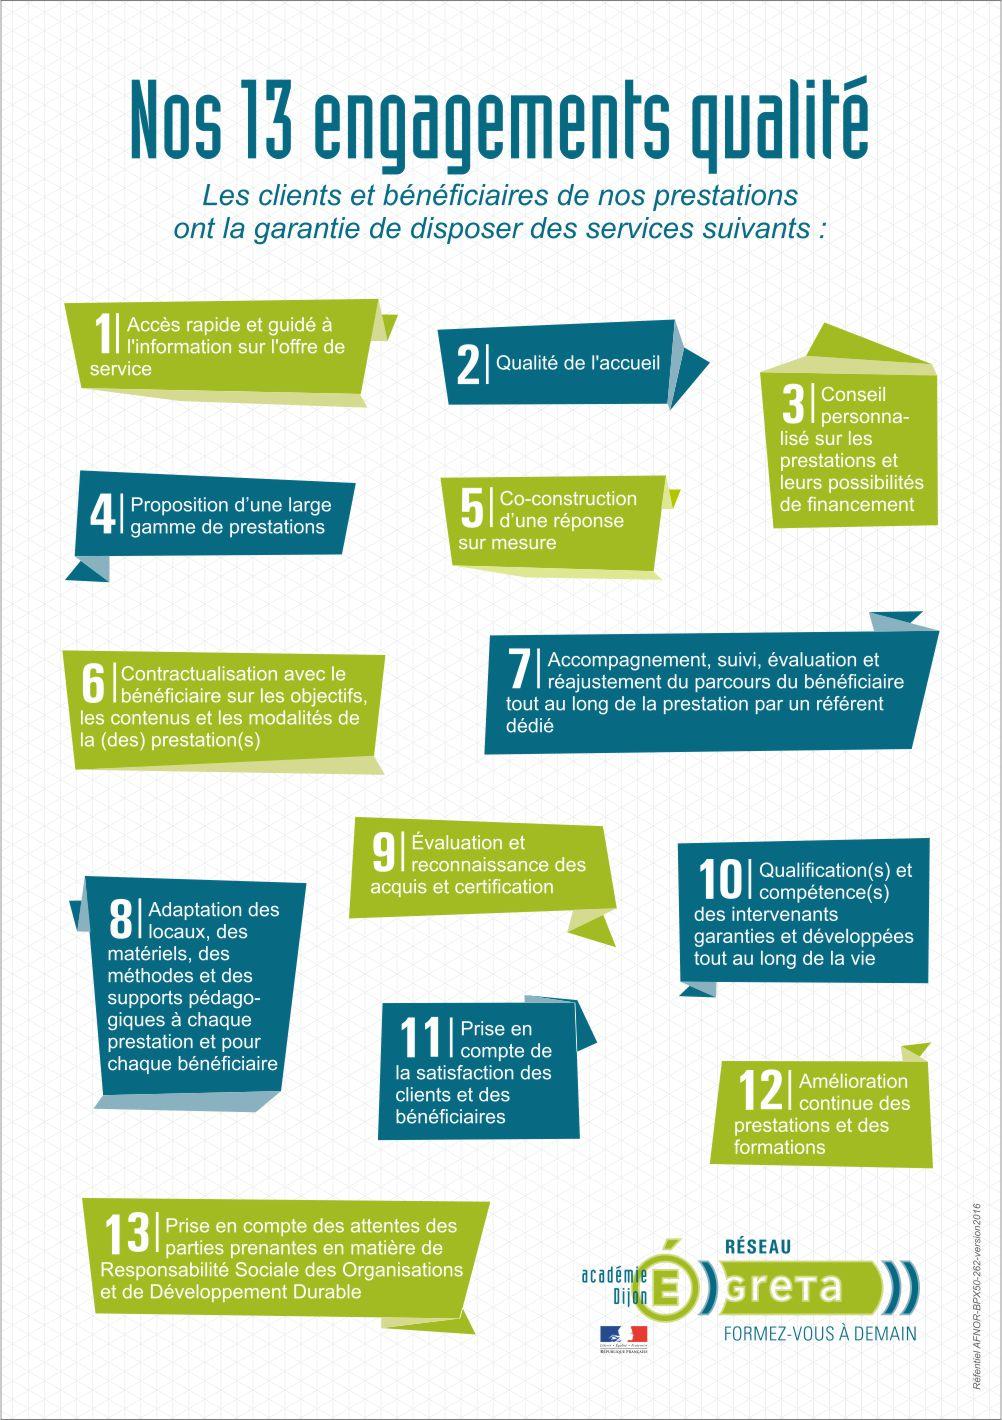 Les 13 engagements qualité du réseau des GRETA de Bourgogne. Les clients et bénéficiaires de nos prestations ont la garantie de disposer des services suivants : 1. Accès rapide et guidé à l'information sur l'offre de service / 2. Qualité de l'accueil / 3. Conseil personnalisé sur les prestations et leurs possibilités de financement / 4. Proposition d'une large gamme de prestations / 5. Co-construction d'une réponse sur mesure / 6. Contractualisation avec le bénéficiaire sur les objectifs, les contenus et les modalités de la (des) prestation(s) / 7. Accompagnement, suivi, évaluation et réajustement du parcours du bénéficiaire tout au long de la prestation par un référent dédié / 8. Adaptation des locaux, des matériels, des méthodes et des supports pédago-giques à chaque prestation et pour chaque bénéficiaire / 9. Évaluation et reconnaissance des acquis et certification / 10. Qualification(s) et compétence(s) des intervenants garanties et développées tout au long de la vie / 11. Prise en compte de la satisfaction des clients et des bénéficiaires / 12. Amélioration continue des prestations et des formations / 13. Prise en compte des attentes des parties prenantes en matière de Responsabilité Sociale des Organisations et de Développement Durable